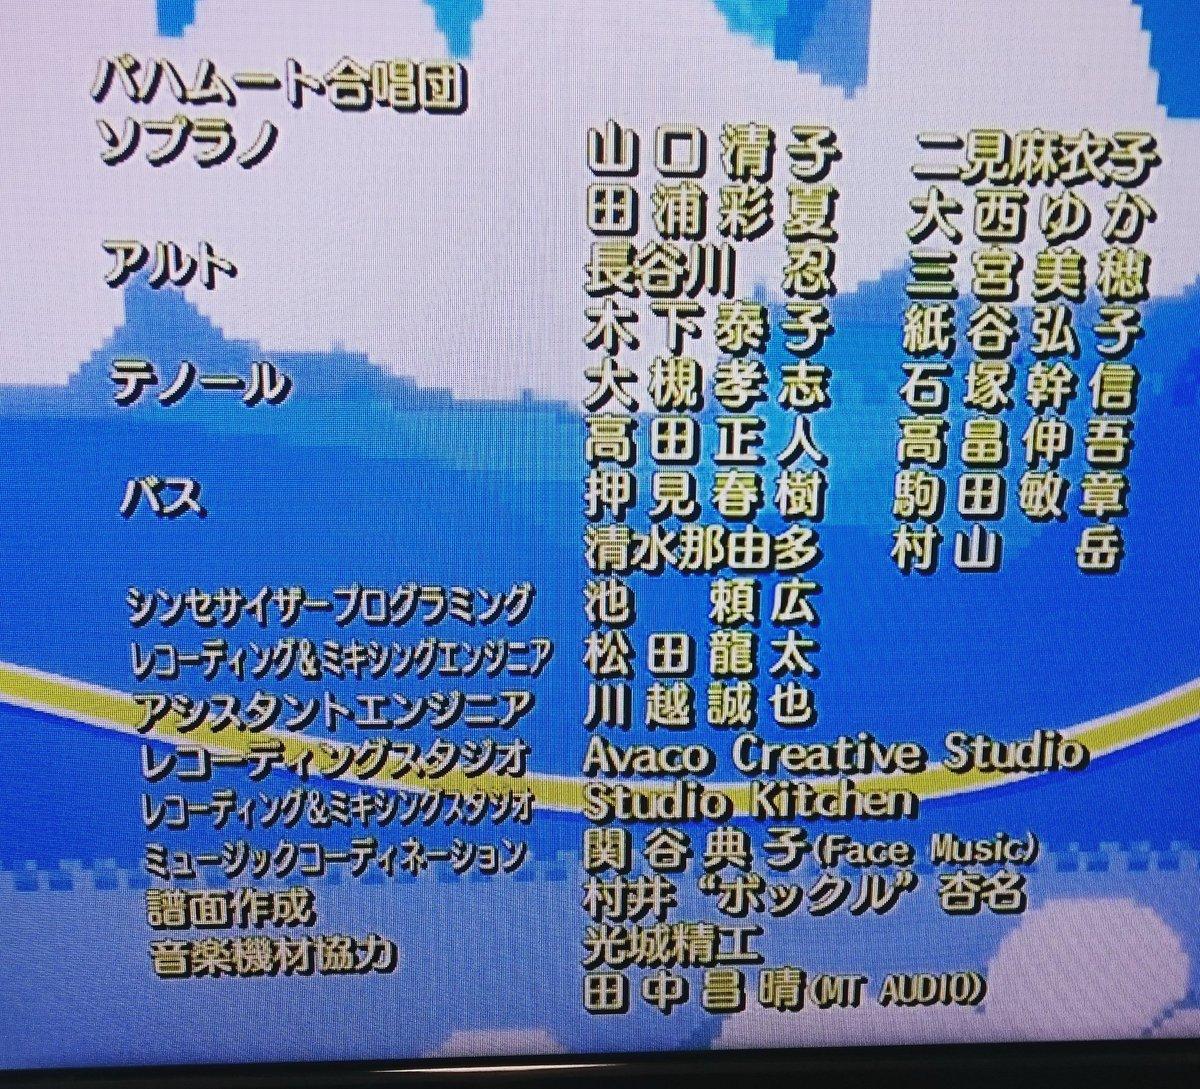 先週もTBS系人気アニメ「神撃のバハムート」でコーラスの挿入歌が流れていたので、エンドロールに名前が流れてました♪何気に